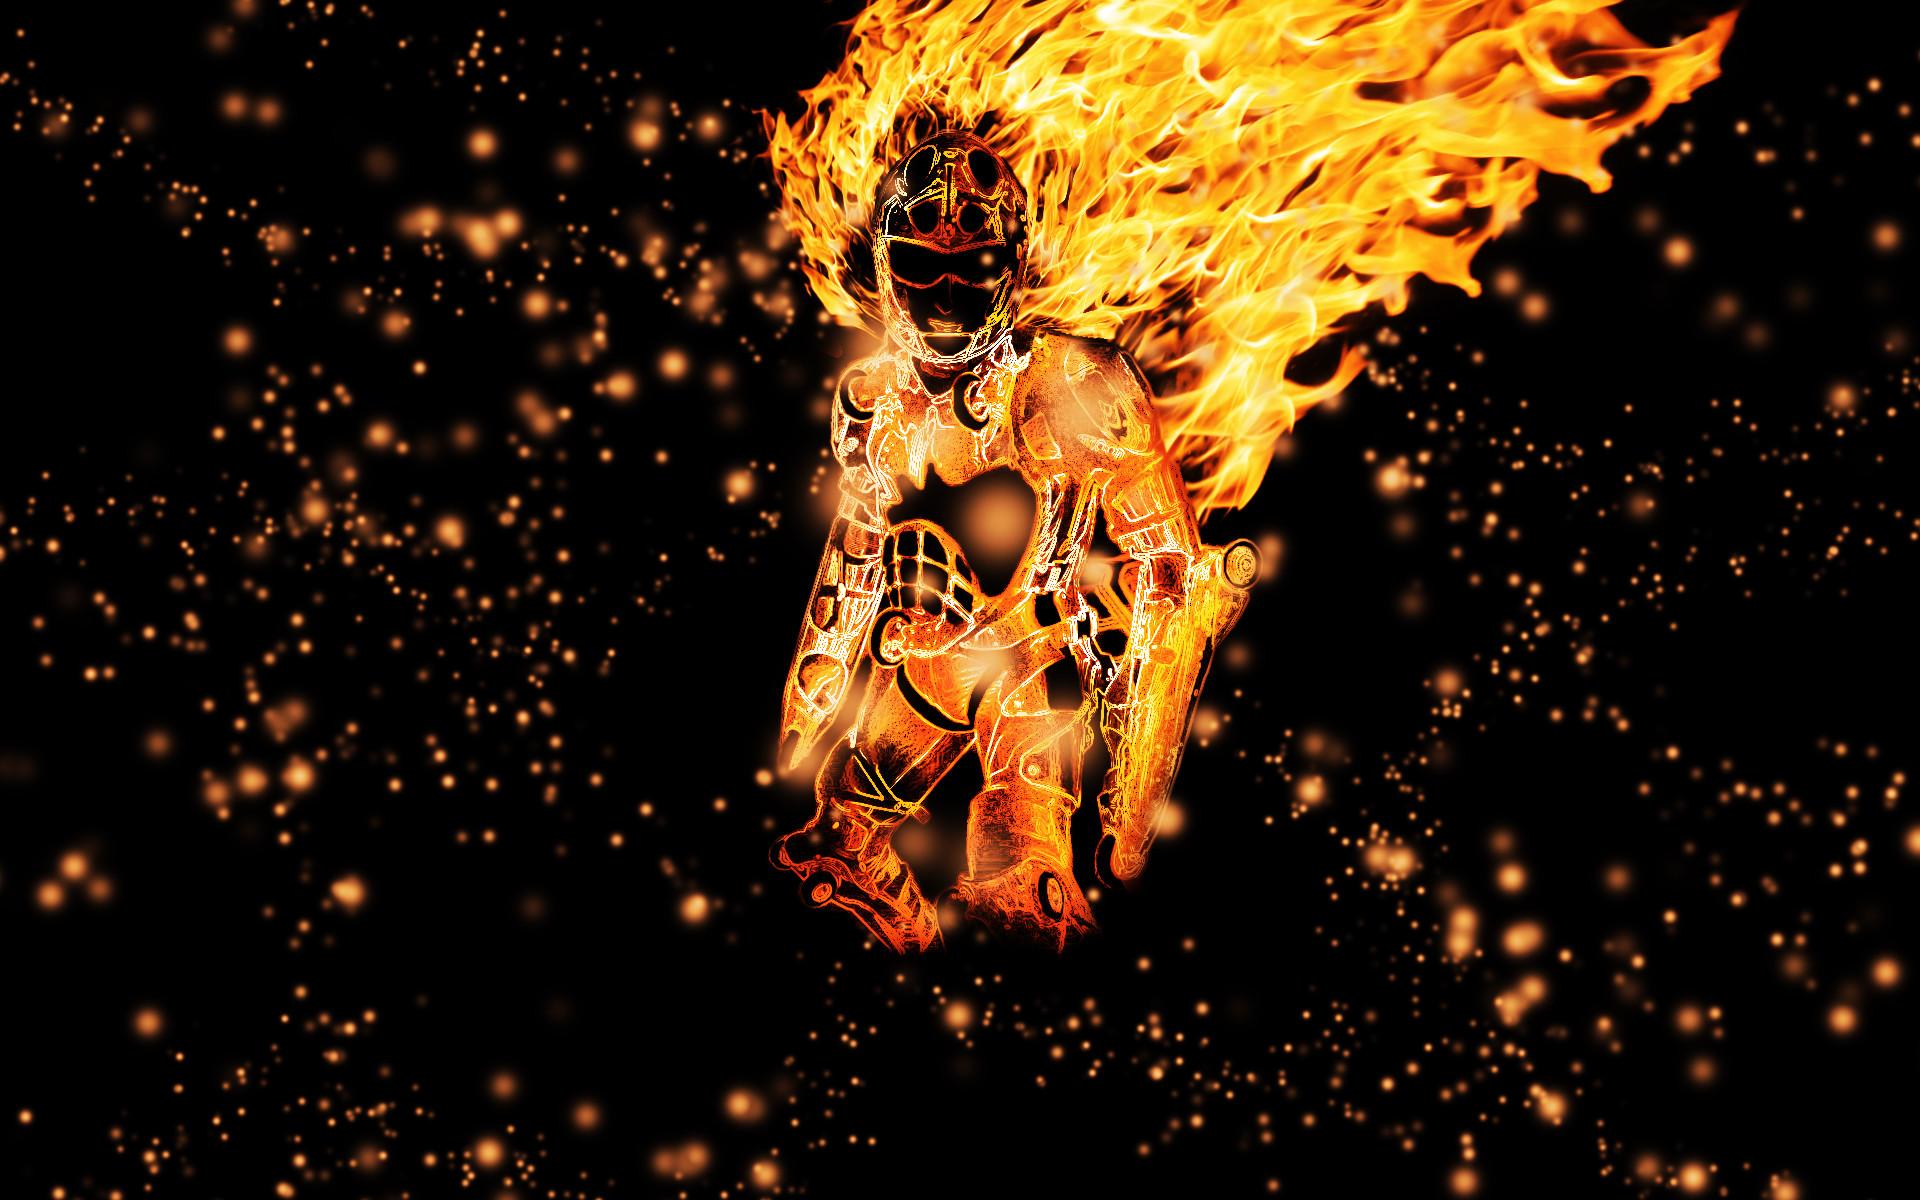 Fire Wallpapers For Desktop: Fireman Wallpaper ·①